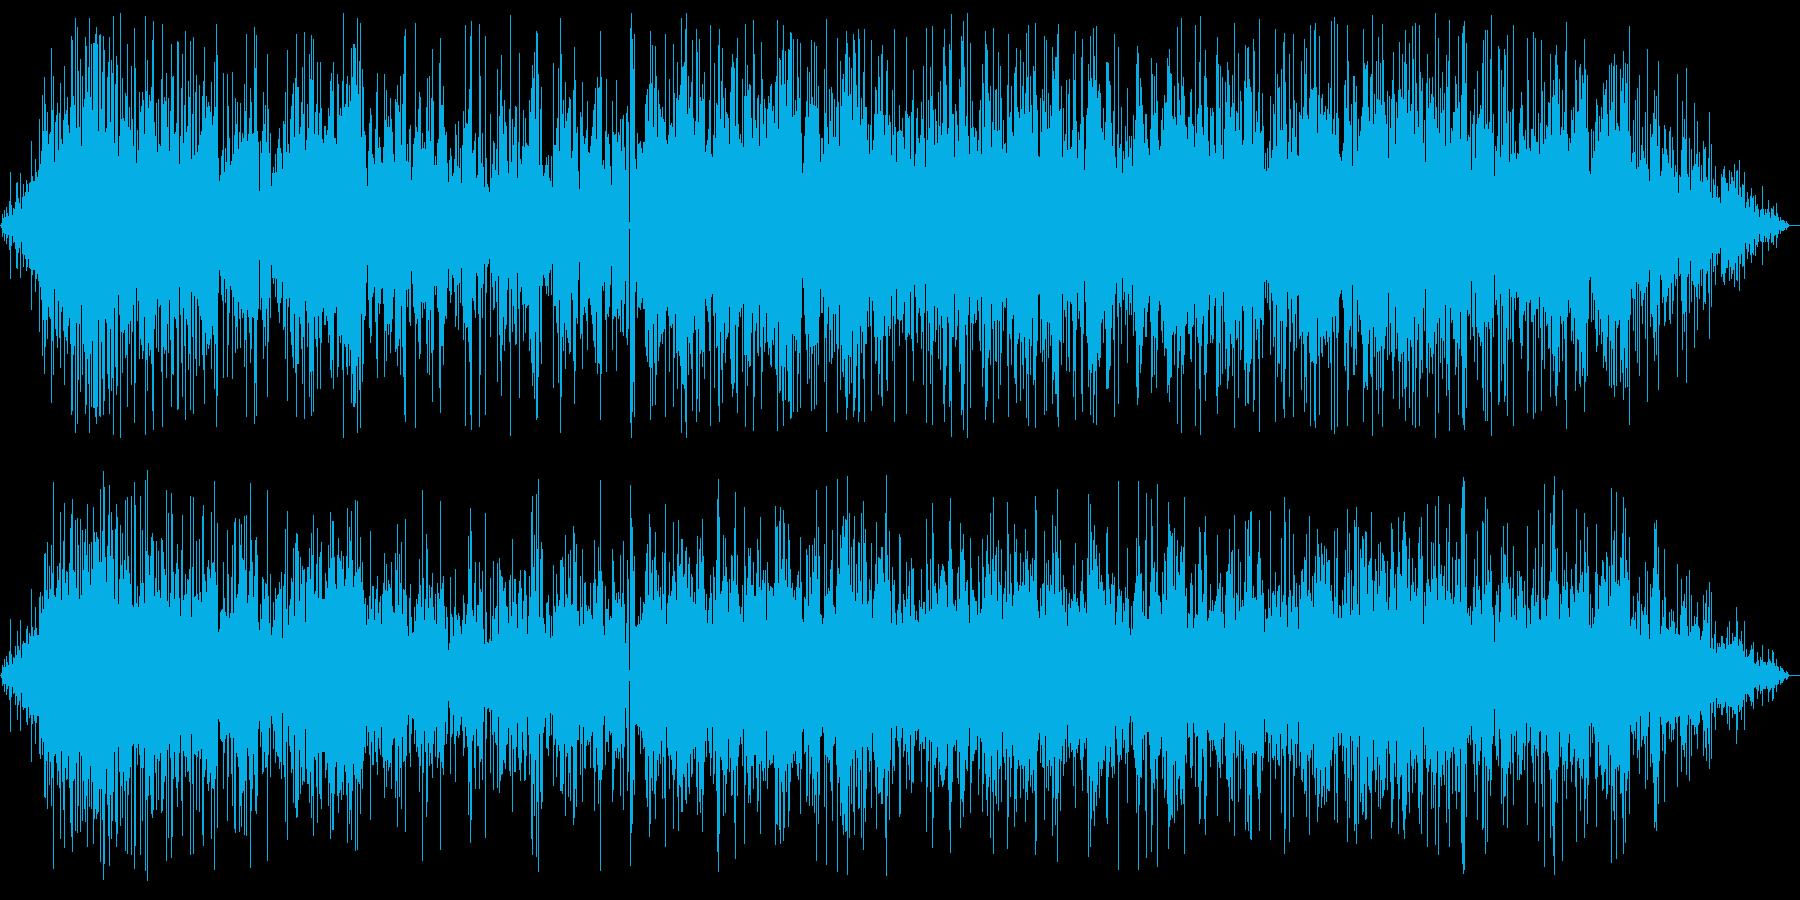 パチパチジュワー(揚げ物音)の再生済みの波形